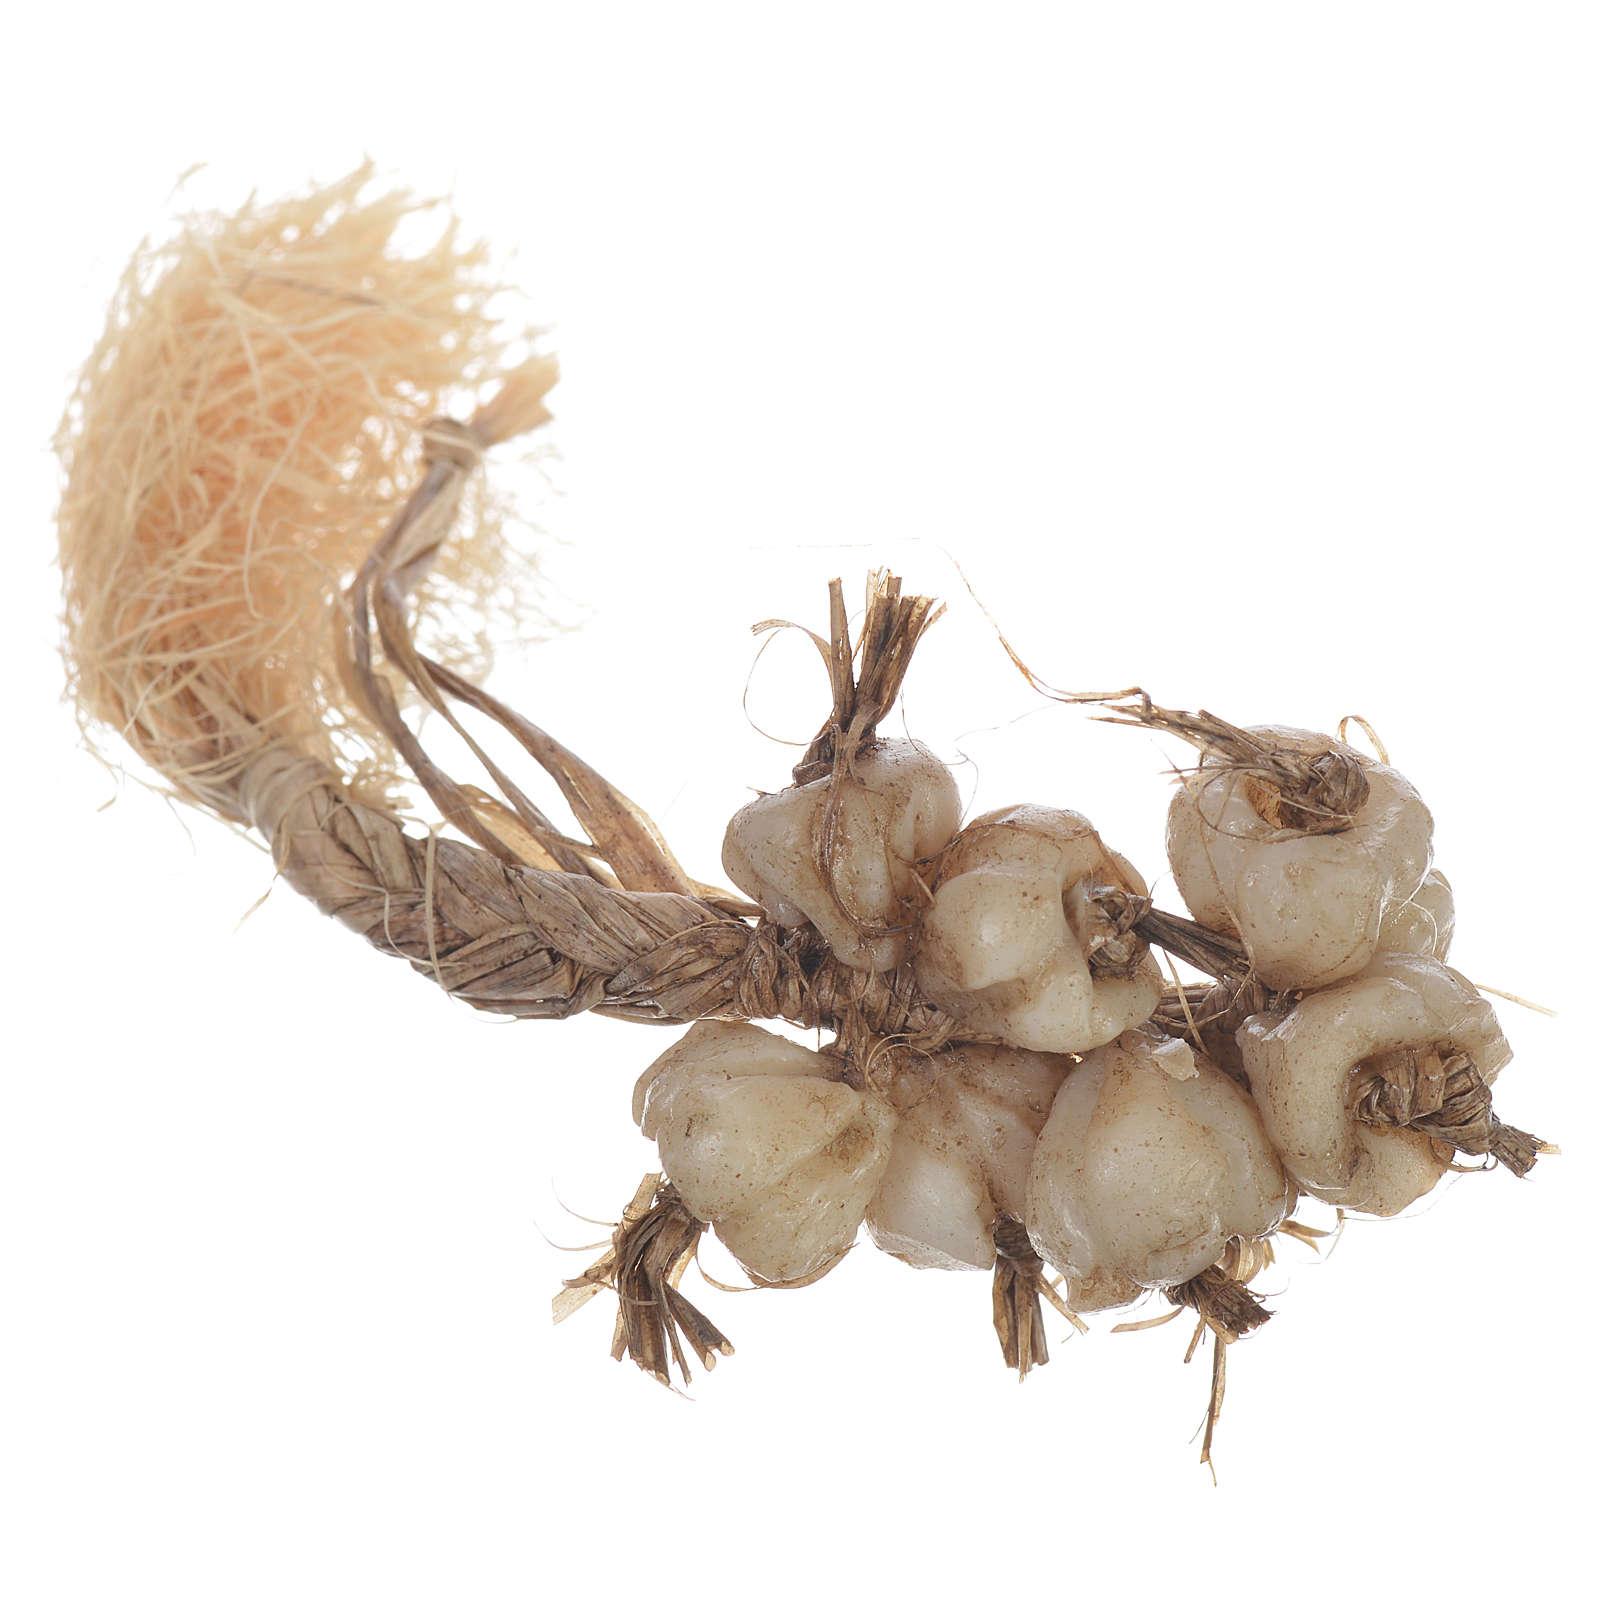 Treccia aglio in cera per figure presepe 20-24 cm 4